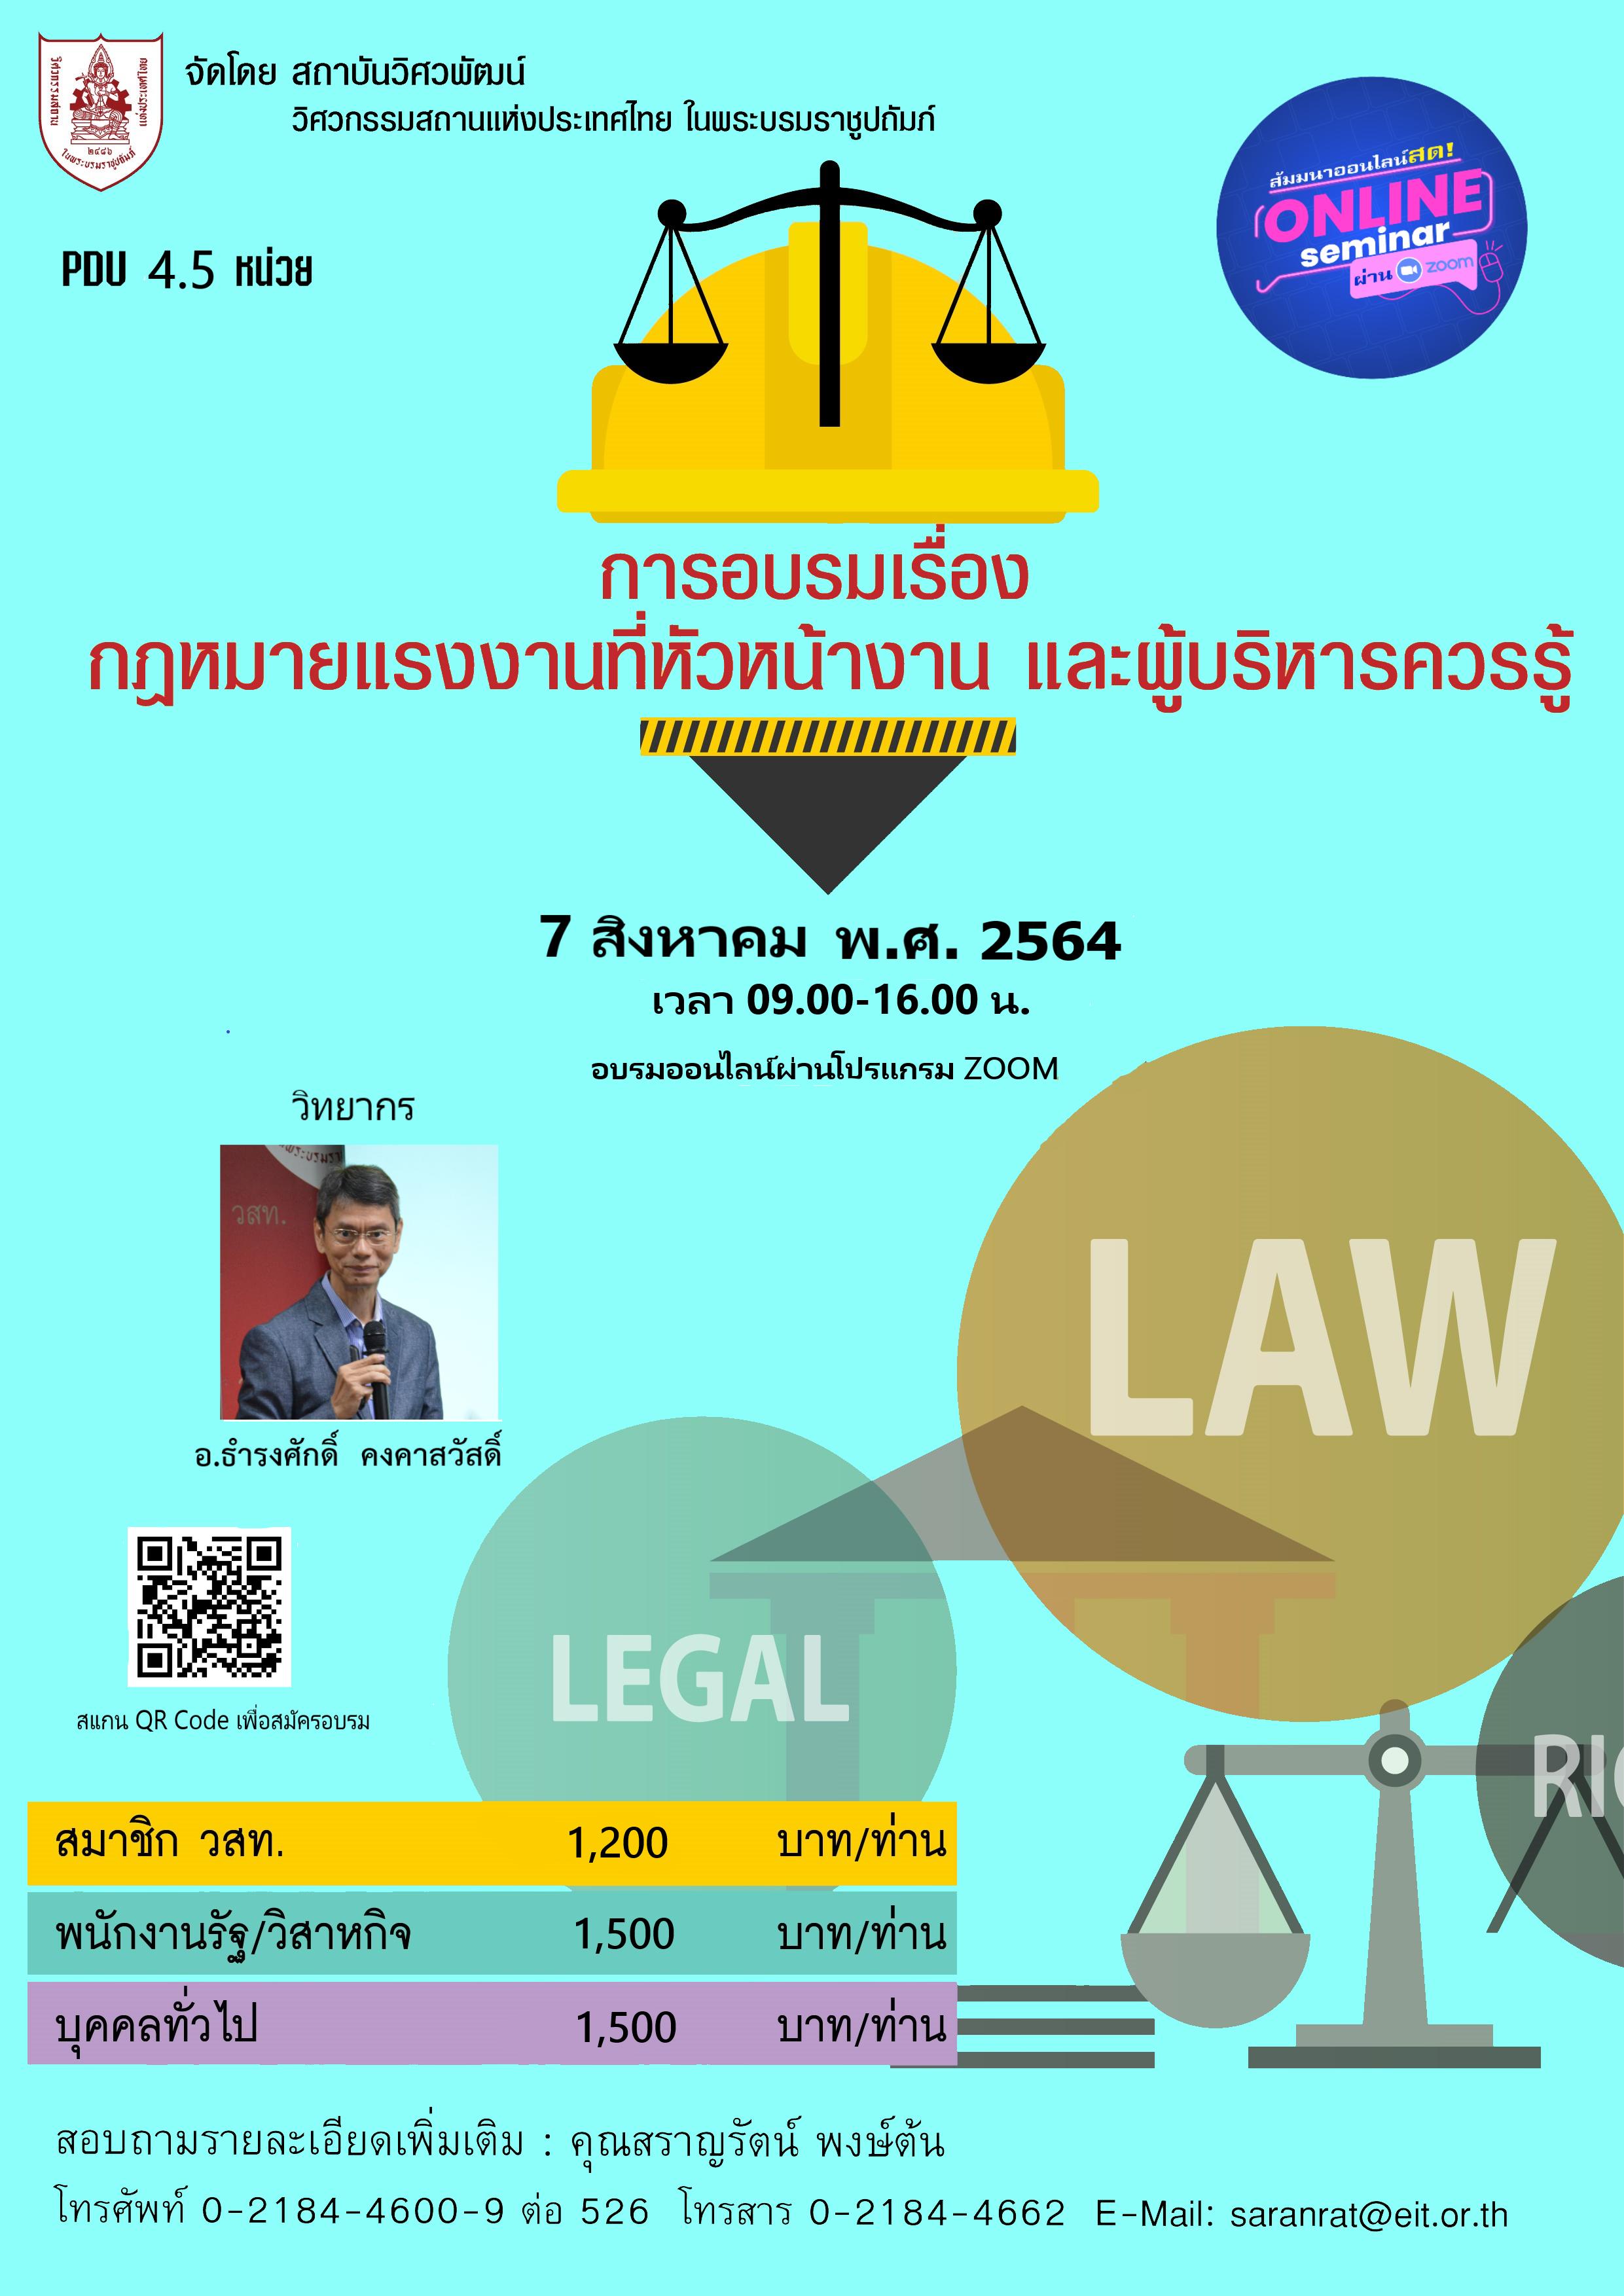 07/08/2564 การอบรมเรื่อง กฎหมายแรงงานที่หัวหน้างาน และผู้บริหารควรรู้ (ออนไลน์ผ่านโปรแกรม ZOOM) **คอนเฟิร์มจัดอบรม**